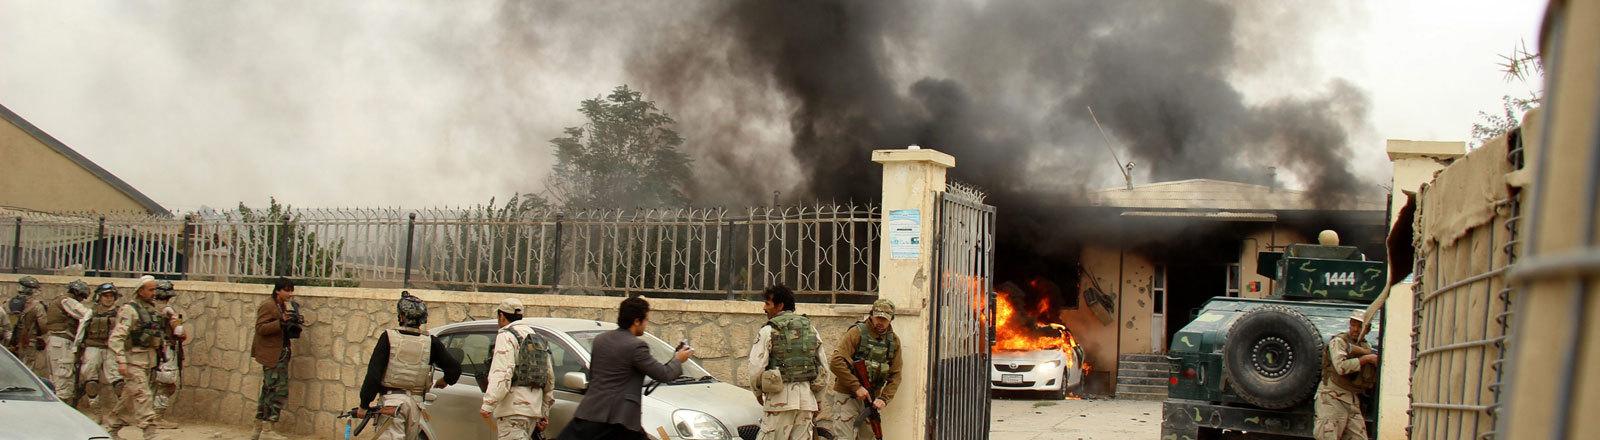 In der afghanischen Stadt Kabul steht ein Auto in Flammen.